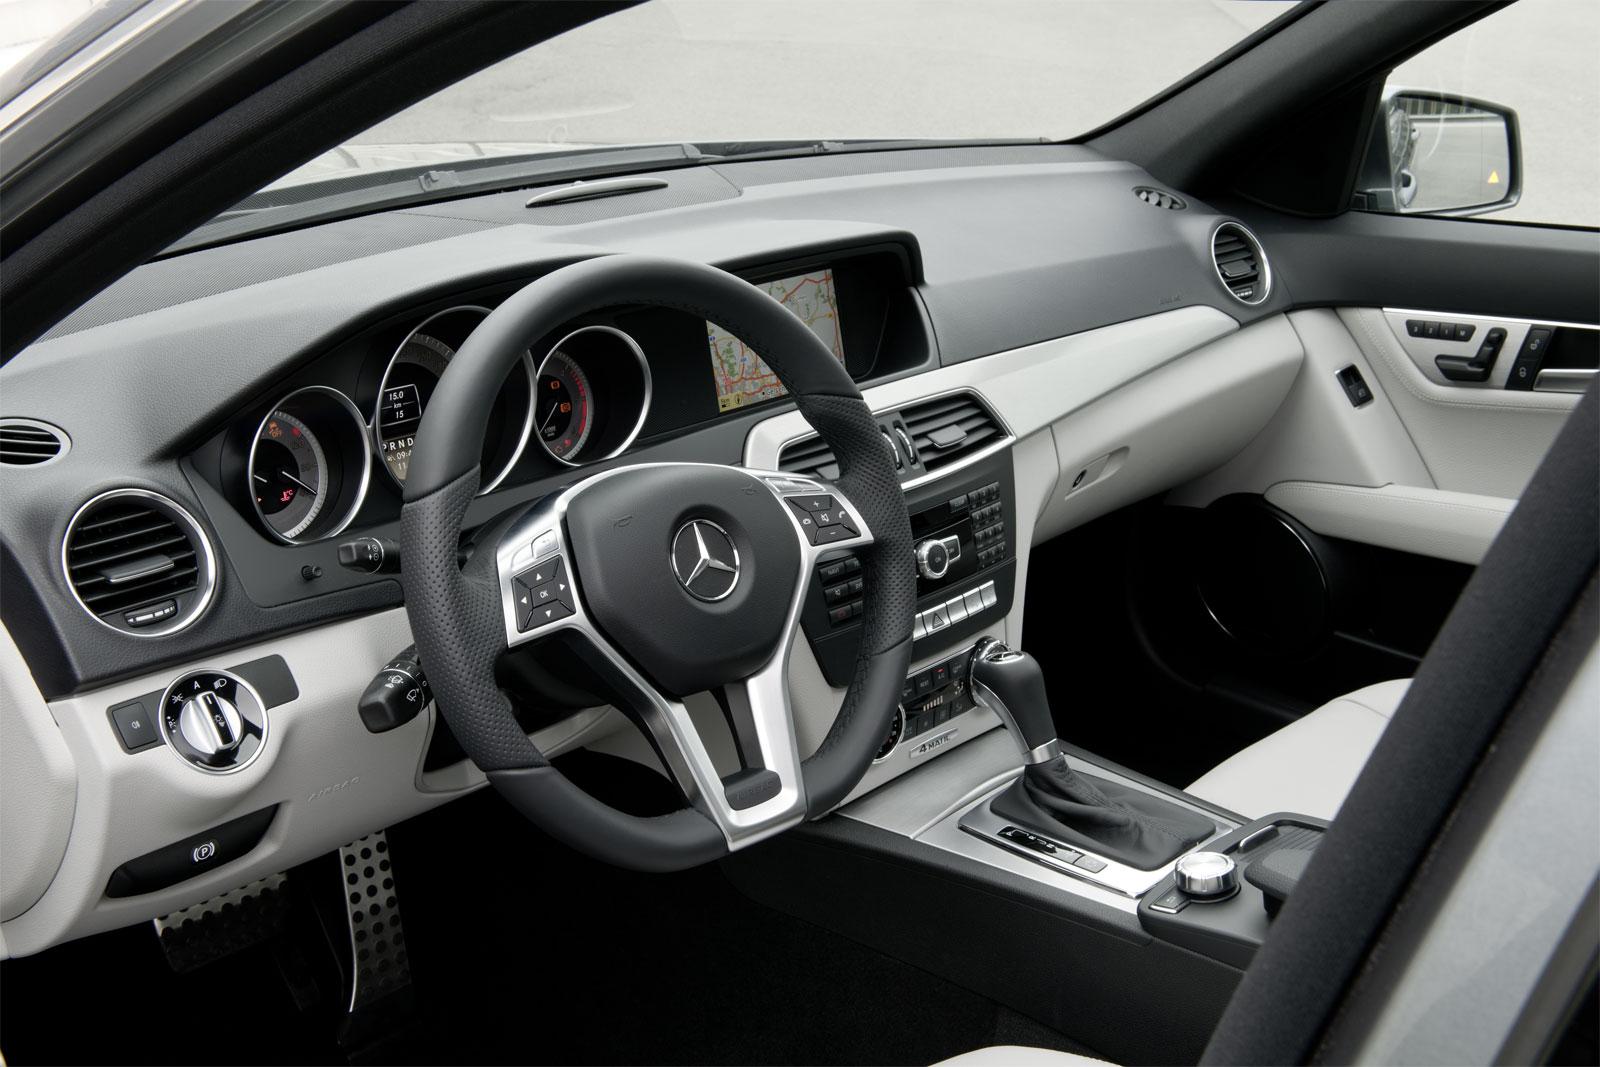 http://2.bp.blogspot.com/_J3_liDBfbvs/TRvBnqj-BoI/AAAAAAAA02o/z0W0fte7R_g/s1600/2012%2BMercedes-Benz%2BC-Class%2BDashboard%2BView.jpg